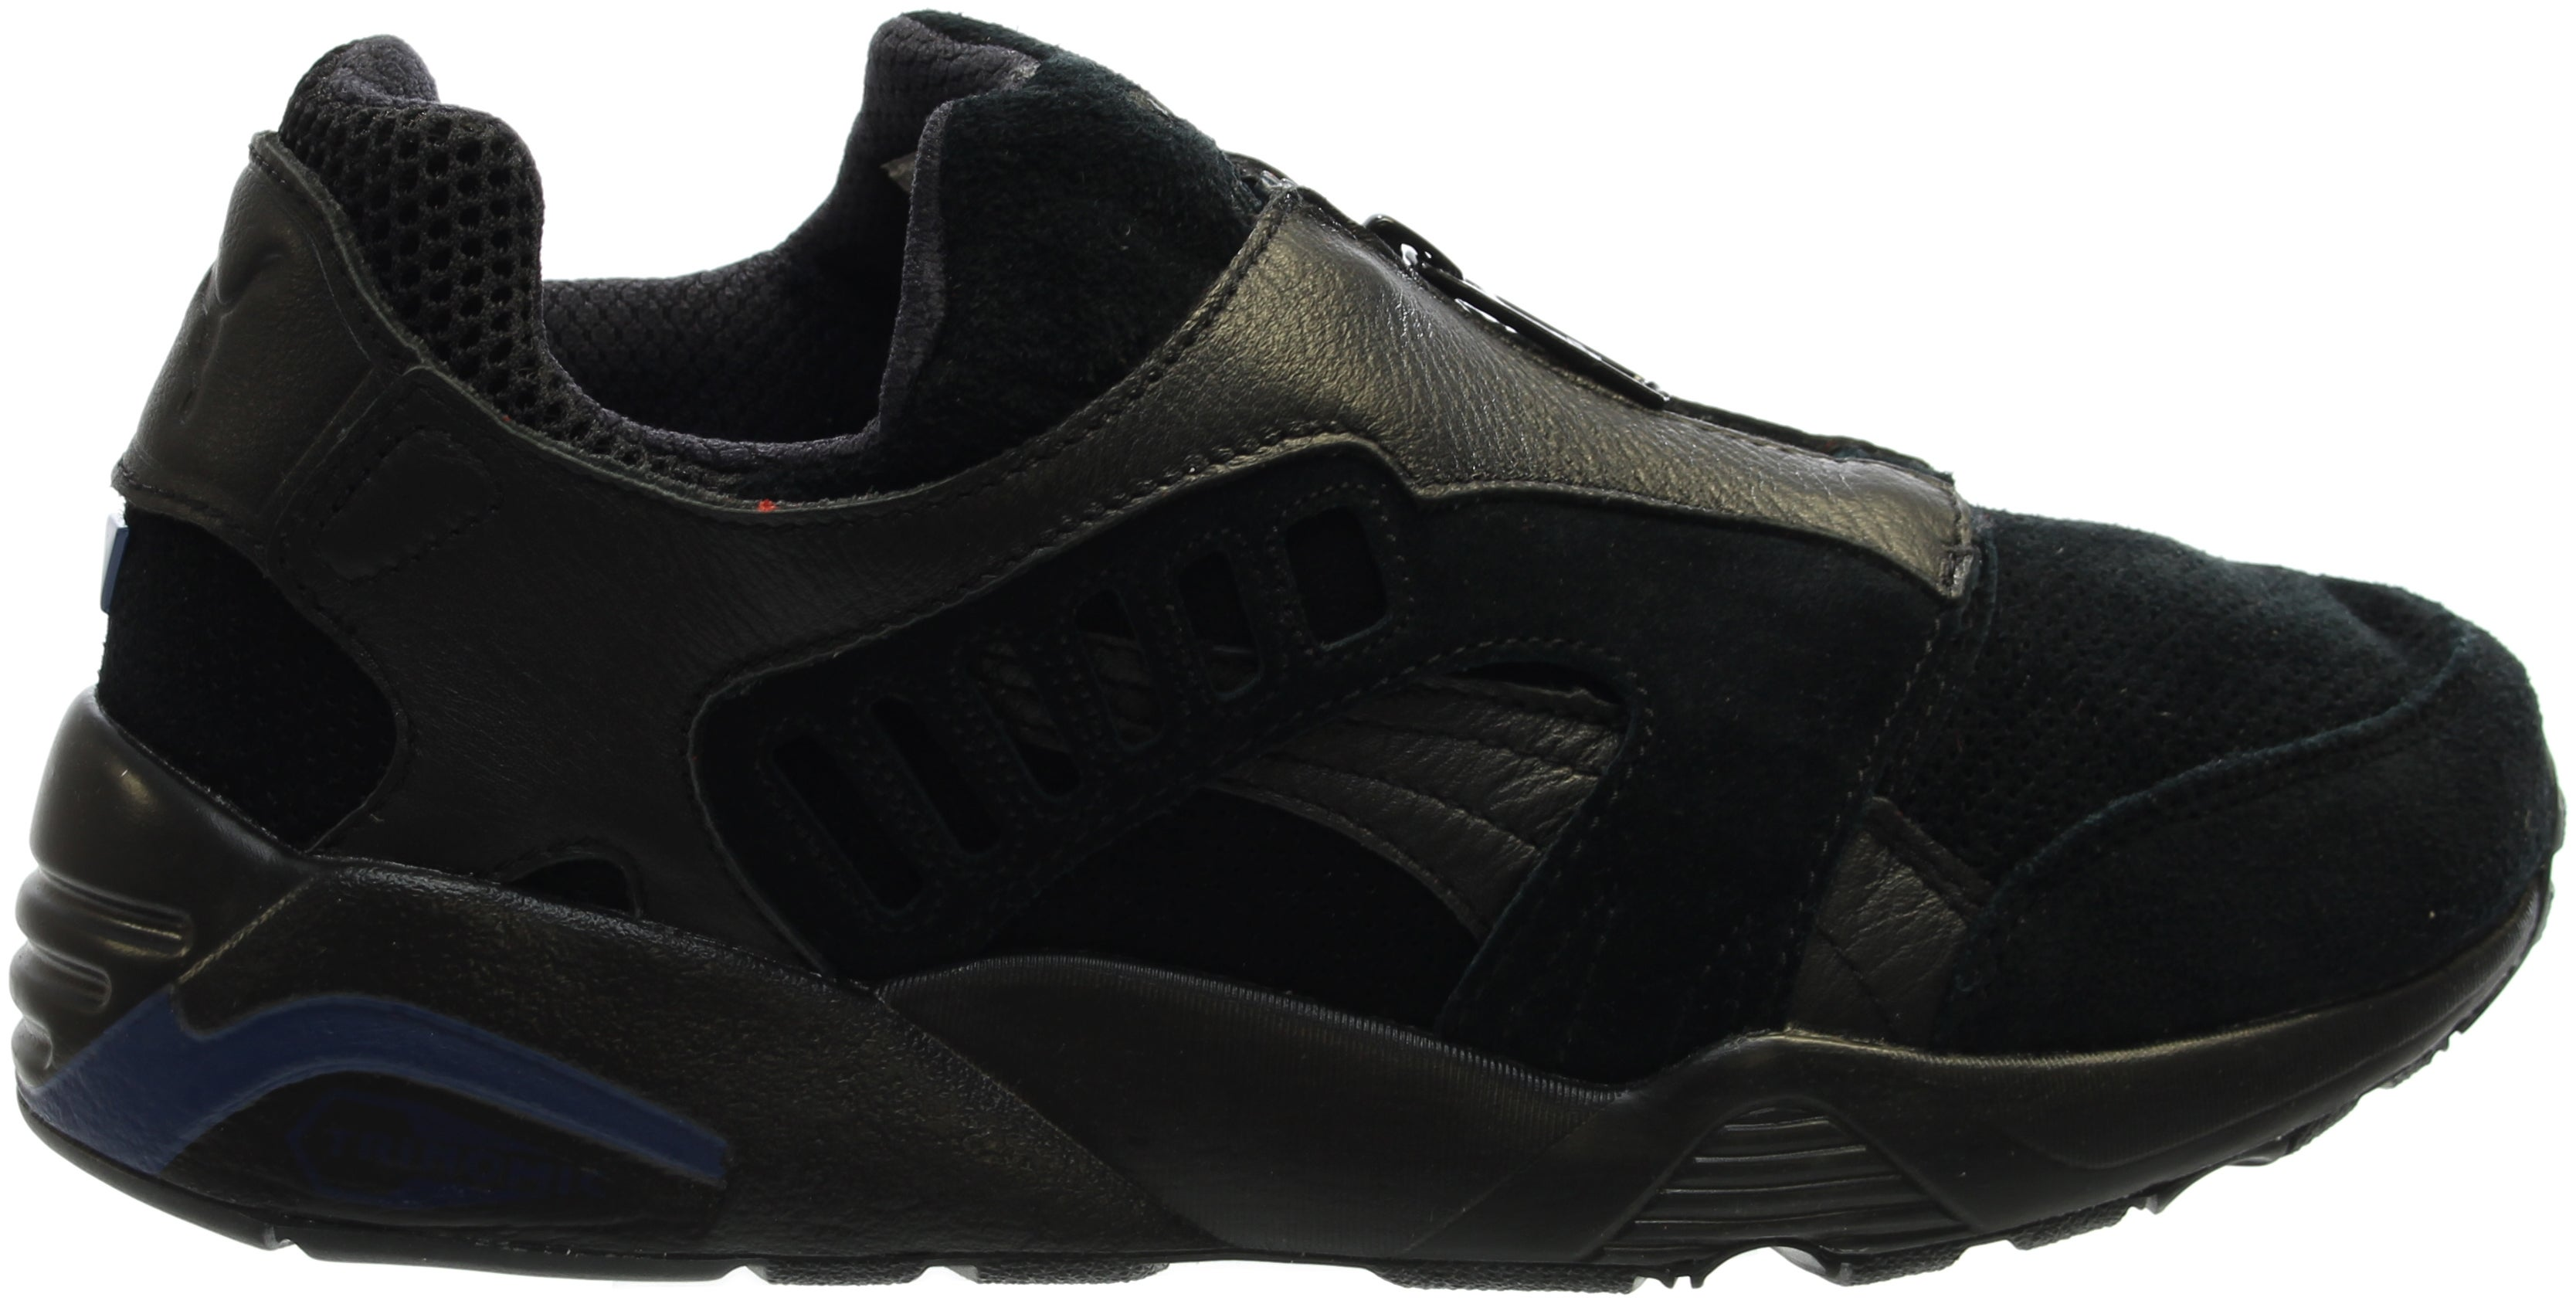 Puma Trinomic Zip Black - Mens  - Size 11